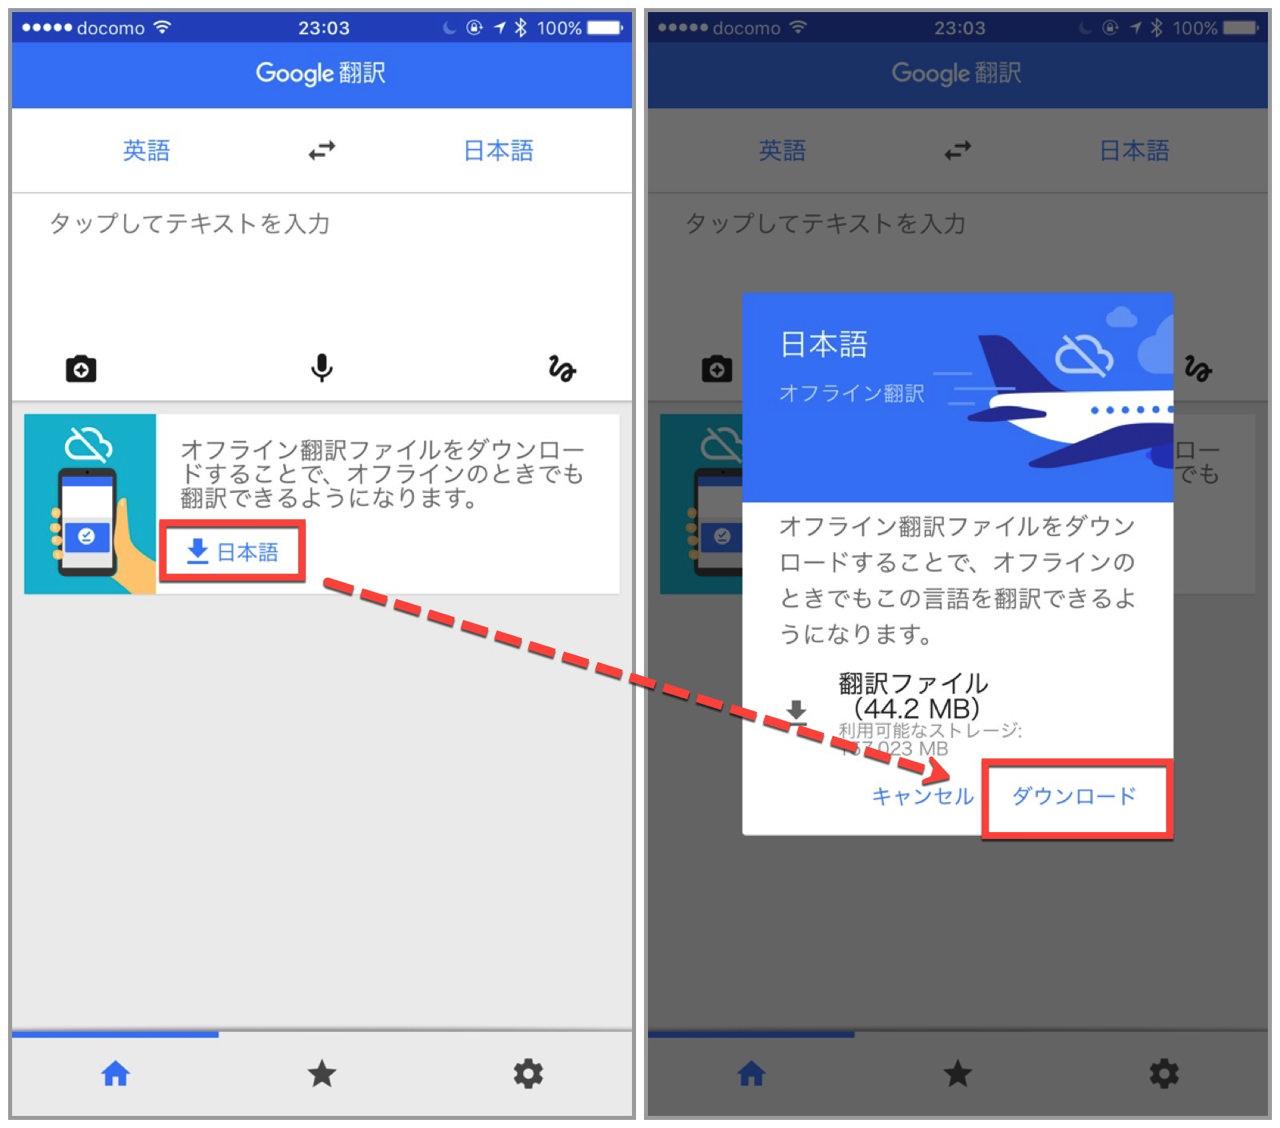 日本語のオフライン翻訳ファイルをダウンロード